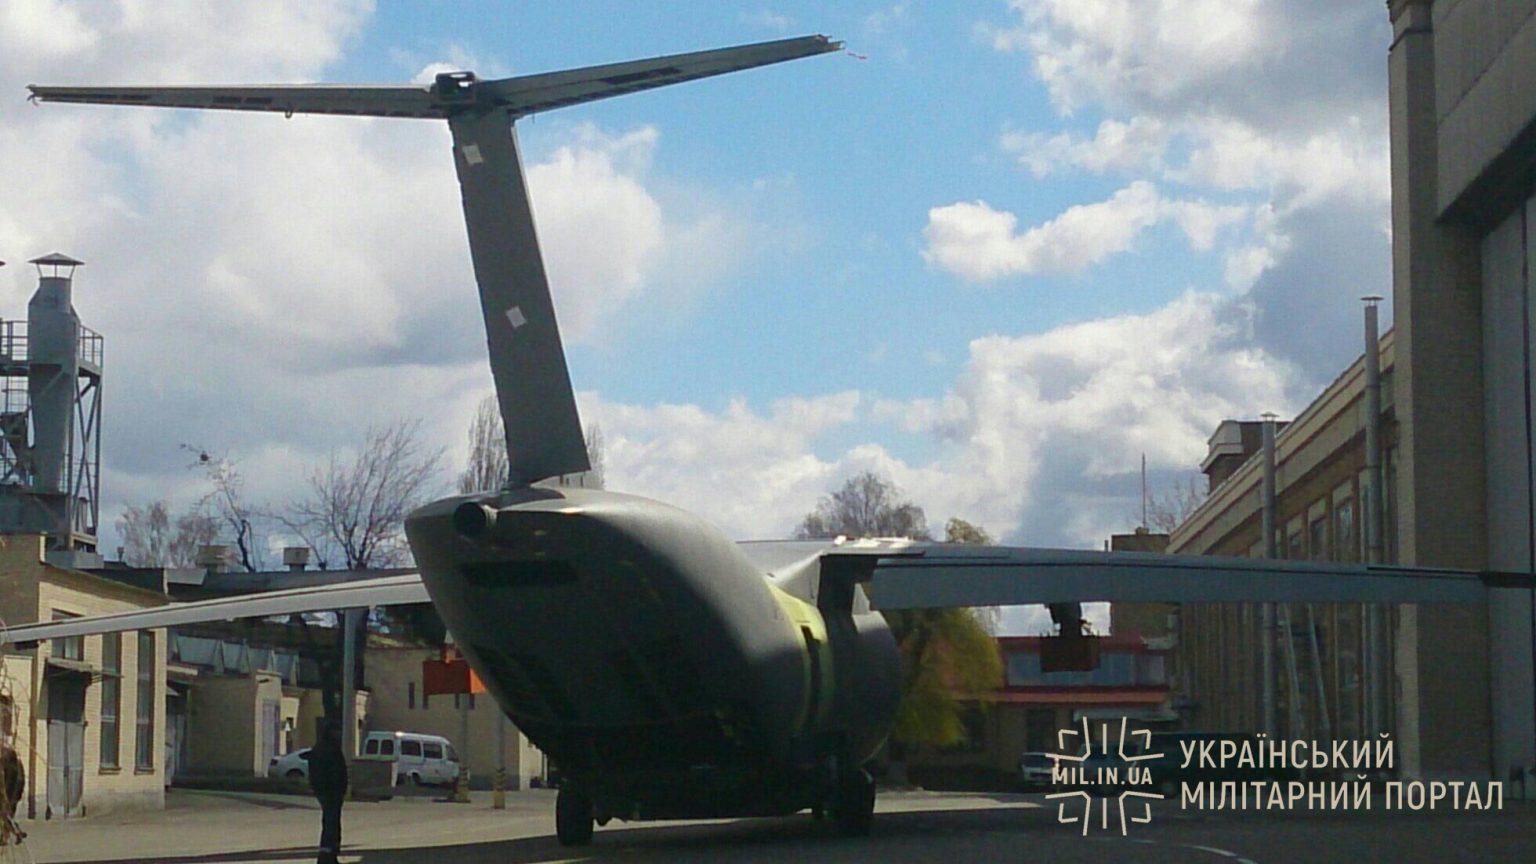 Litak-An-178-z-serijnym-nomerom-001-1536x864.jpg